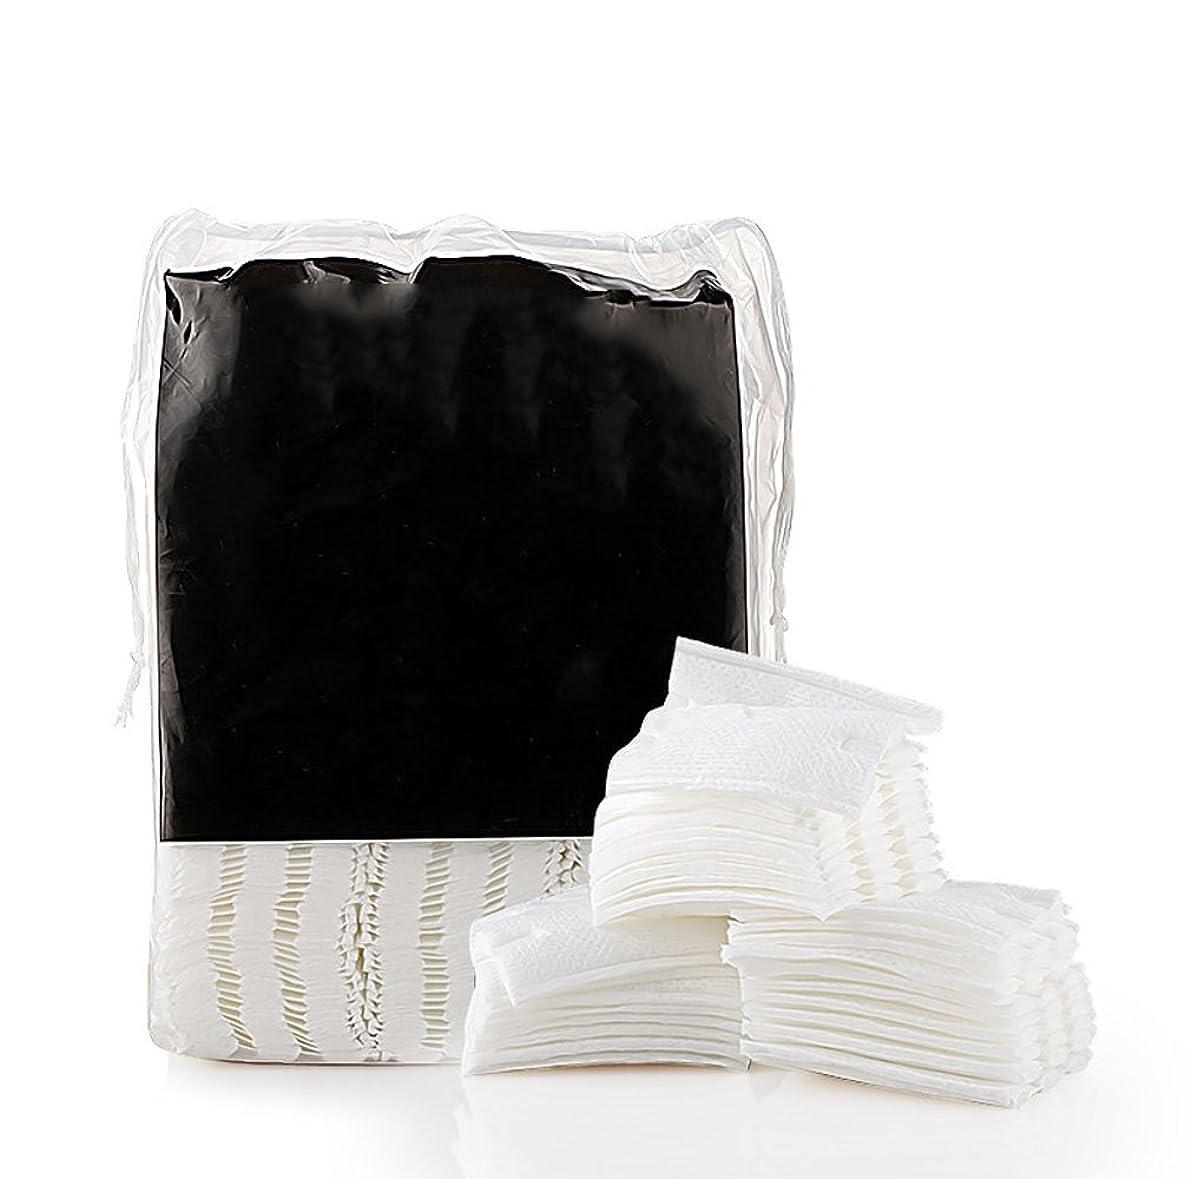 ワークショップキュービック基礎理論Vinmax 化粧コットン コットンパフ 2Wayタイプ 化粧水節約 ふきとりに最適な片面メッシュ 200枚入り